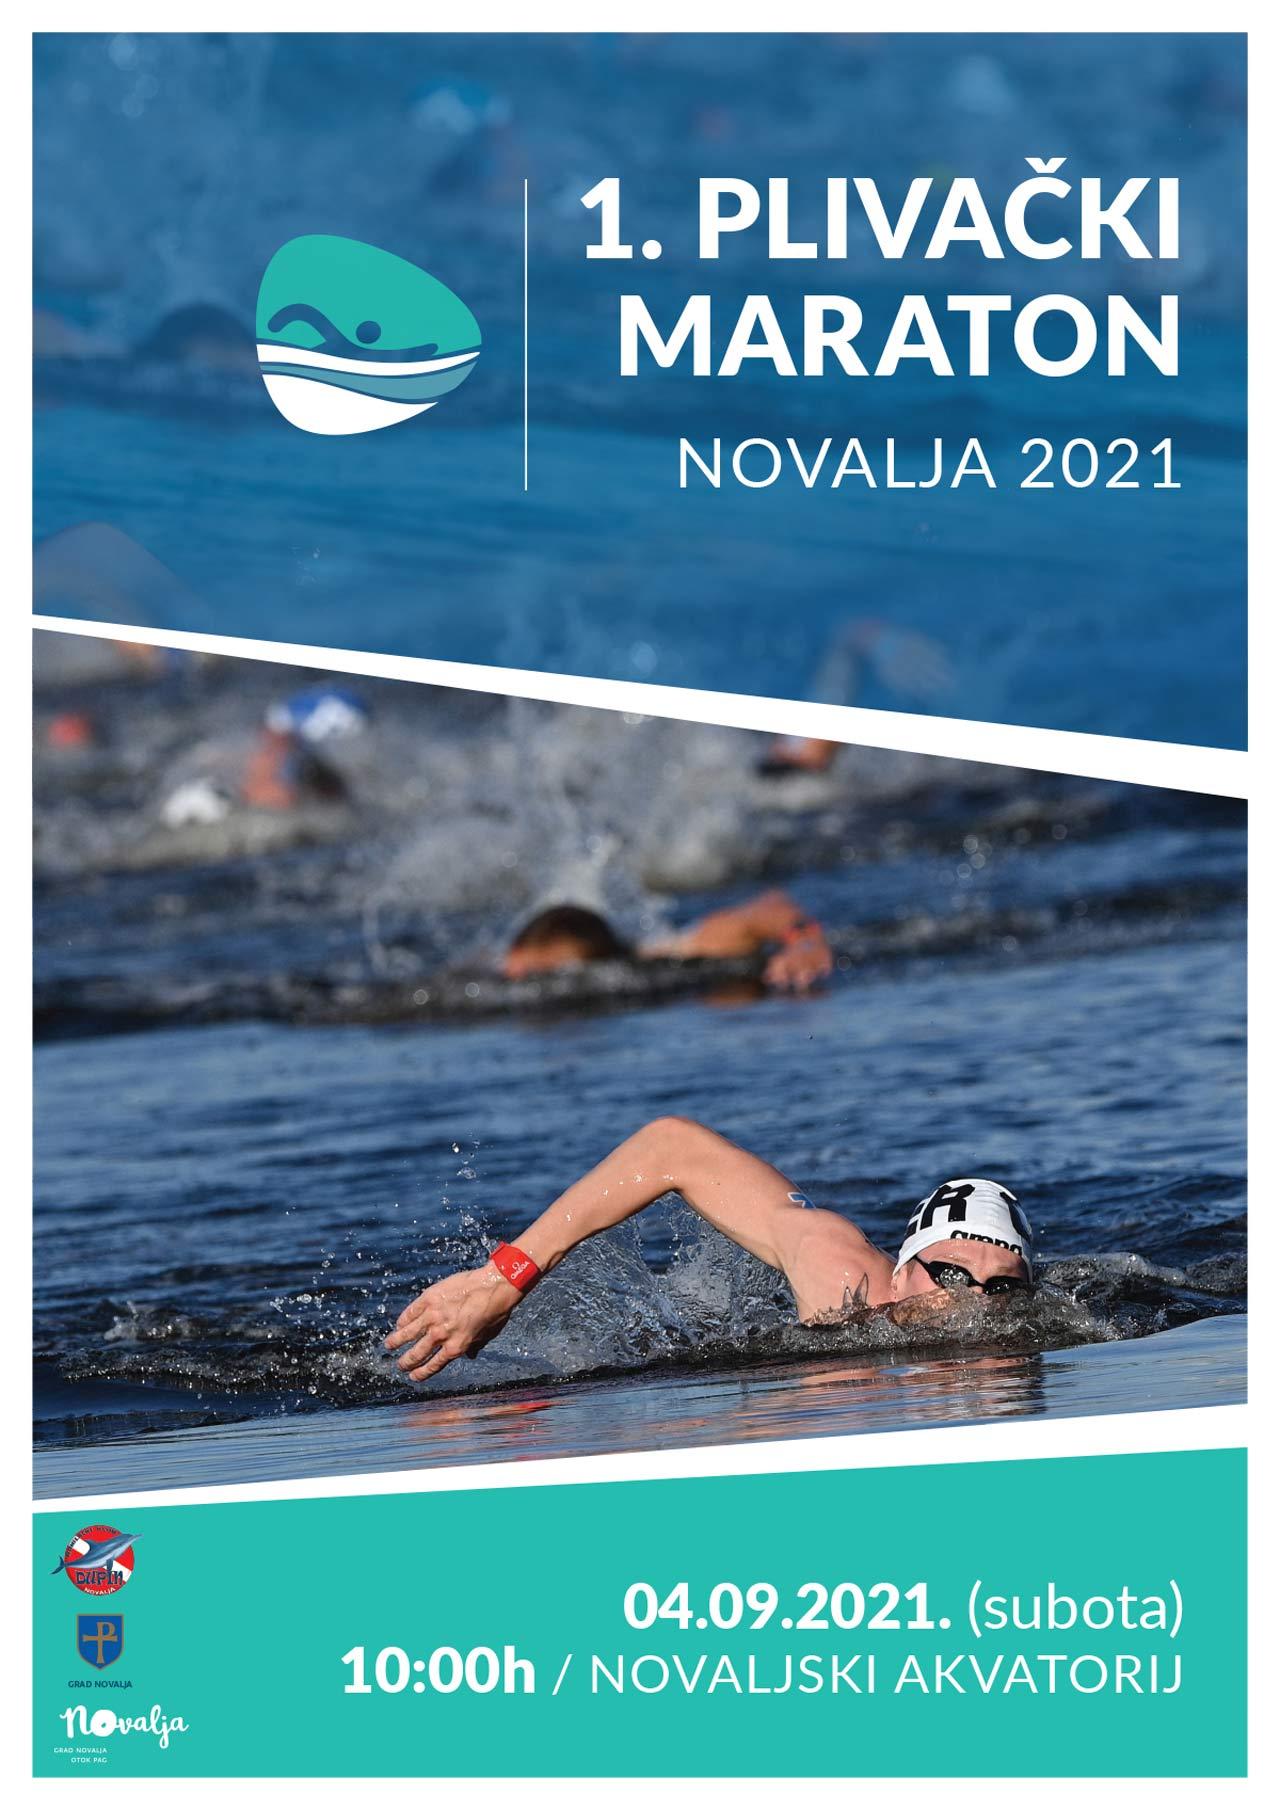 1. Plivački maraton Novalja 2021